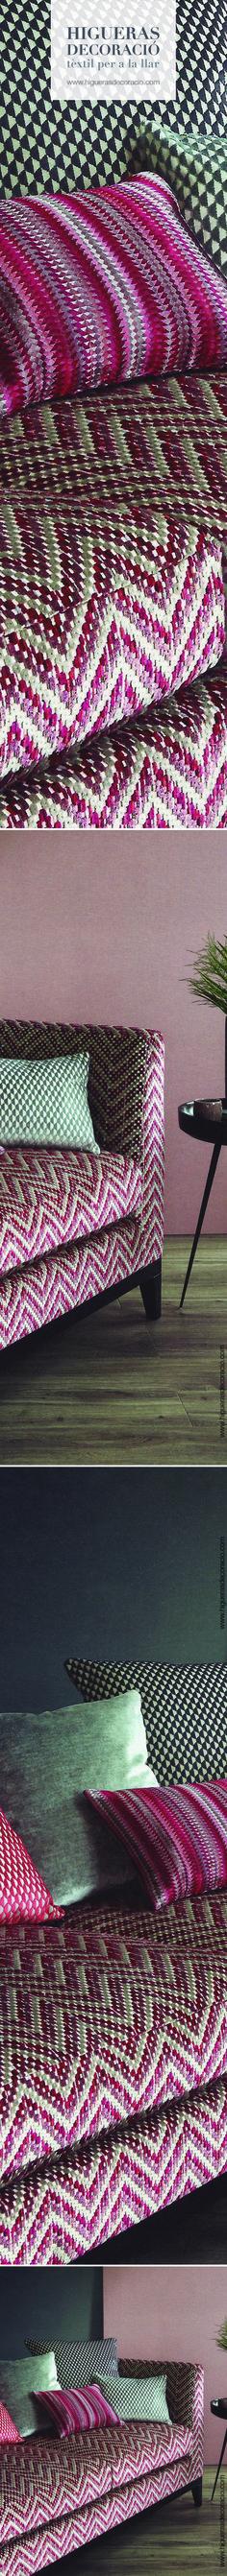 Tapiza el sofá con tela de terciopelo cortado. Combínalo con cojines de tamaños y colores diferentes pero de un único tacto. Aprovecha la línea cromática de la colección, una paleta de tonos vibrantes que denotan atrevimiento y serenidad. www.higuerasdecoracio.com